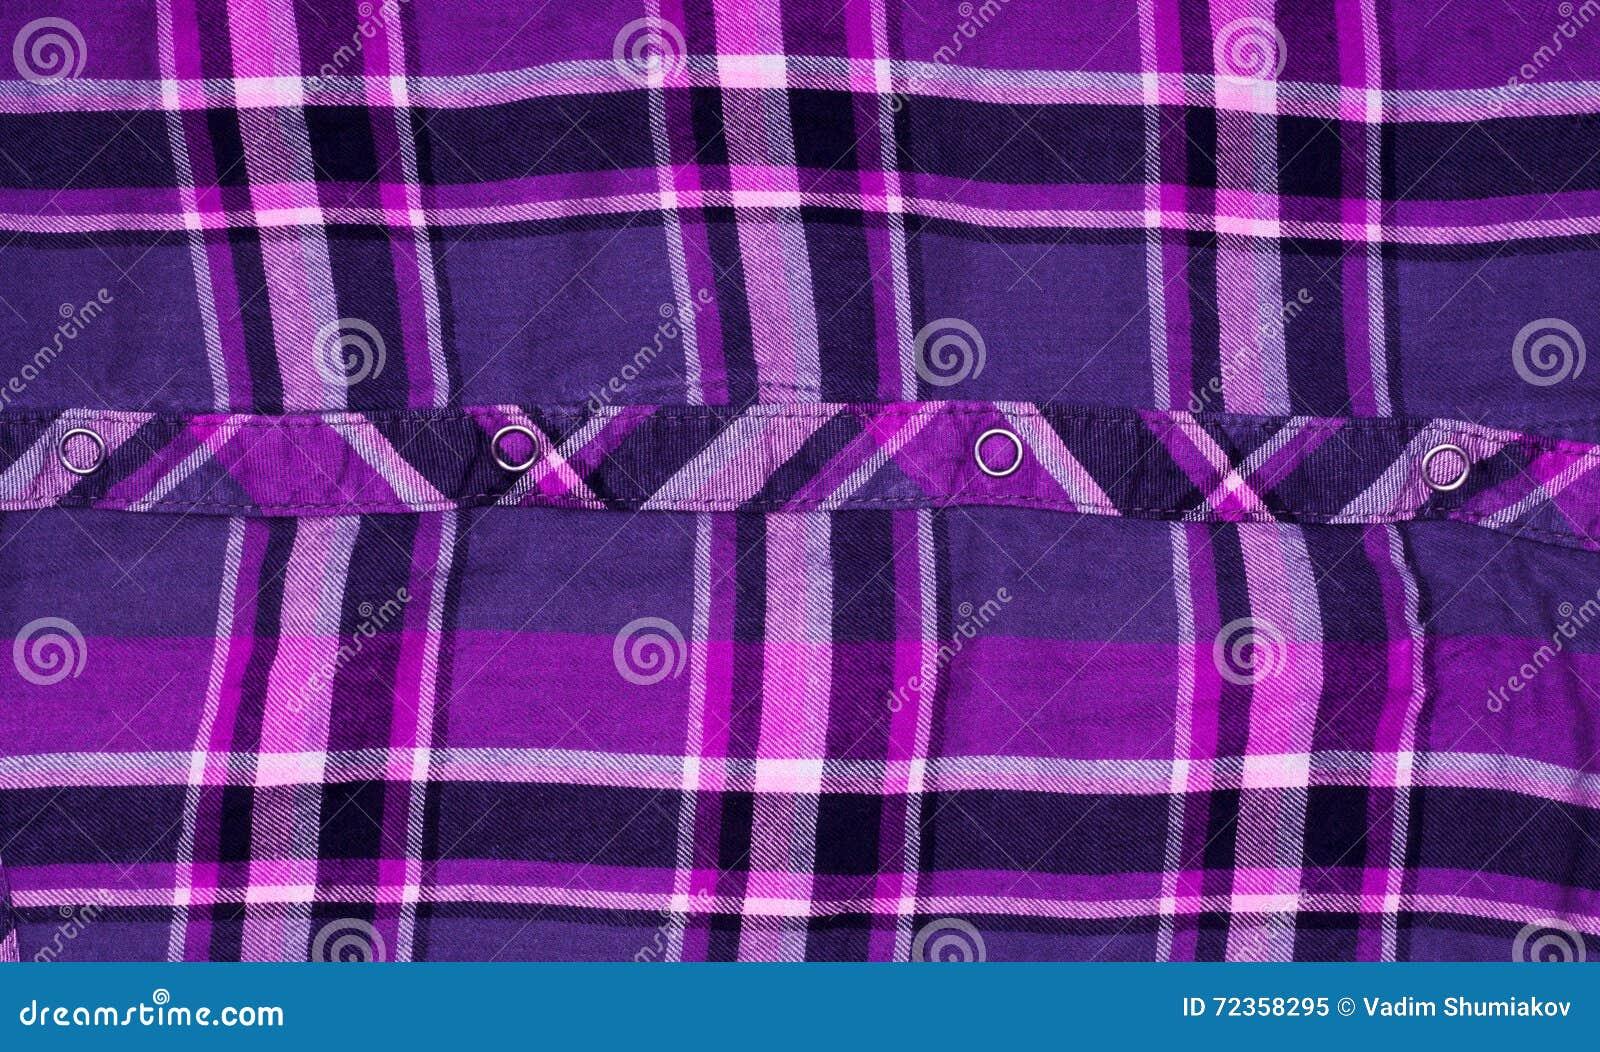 衬衣方格的织物纹理有用作为背景